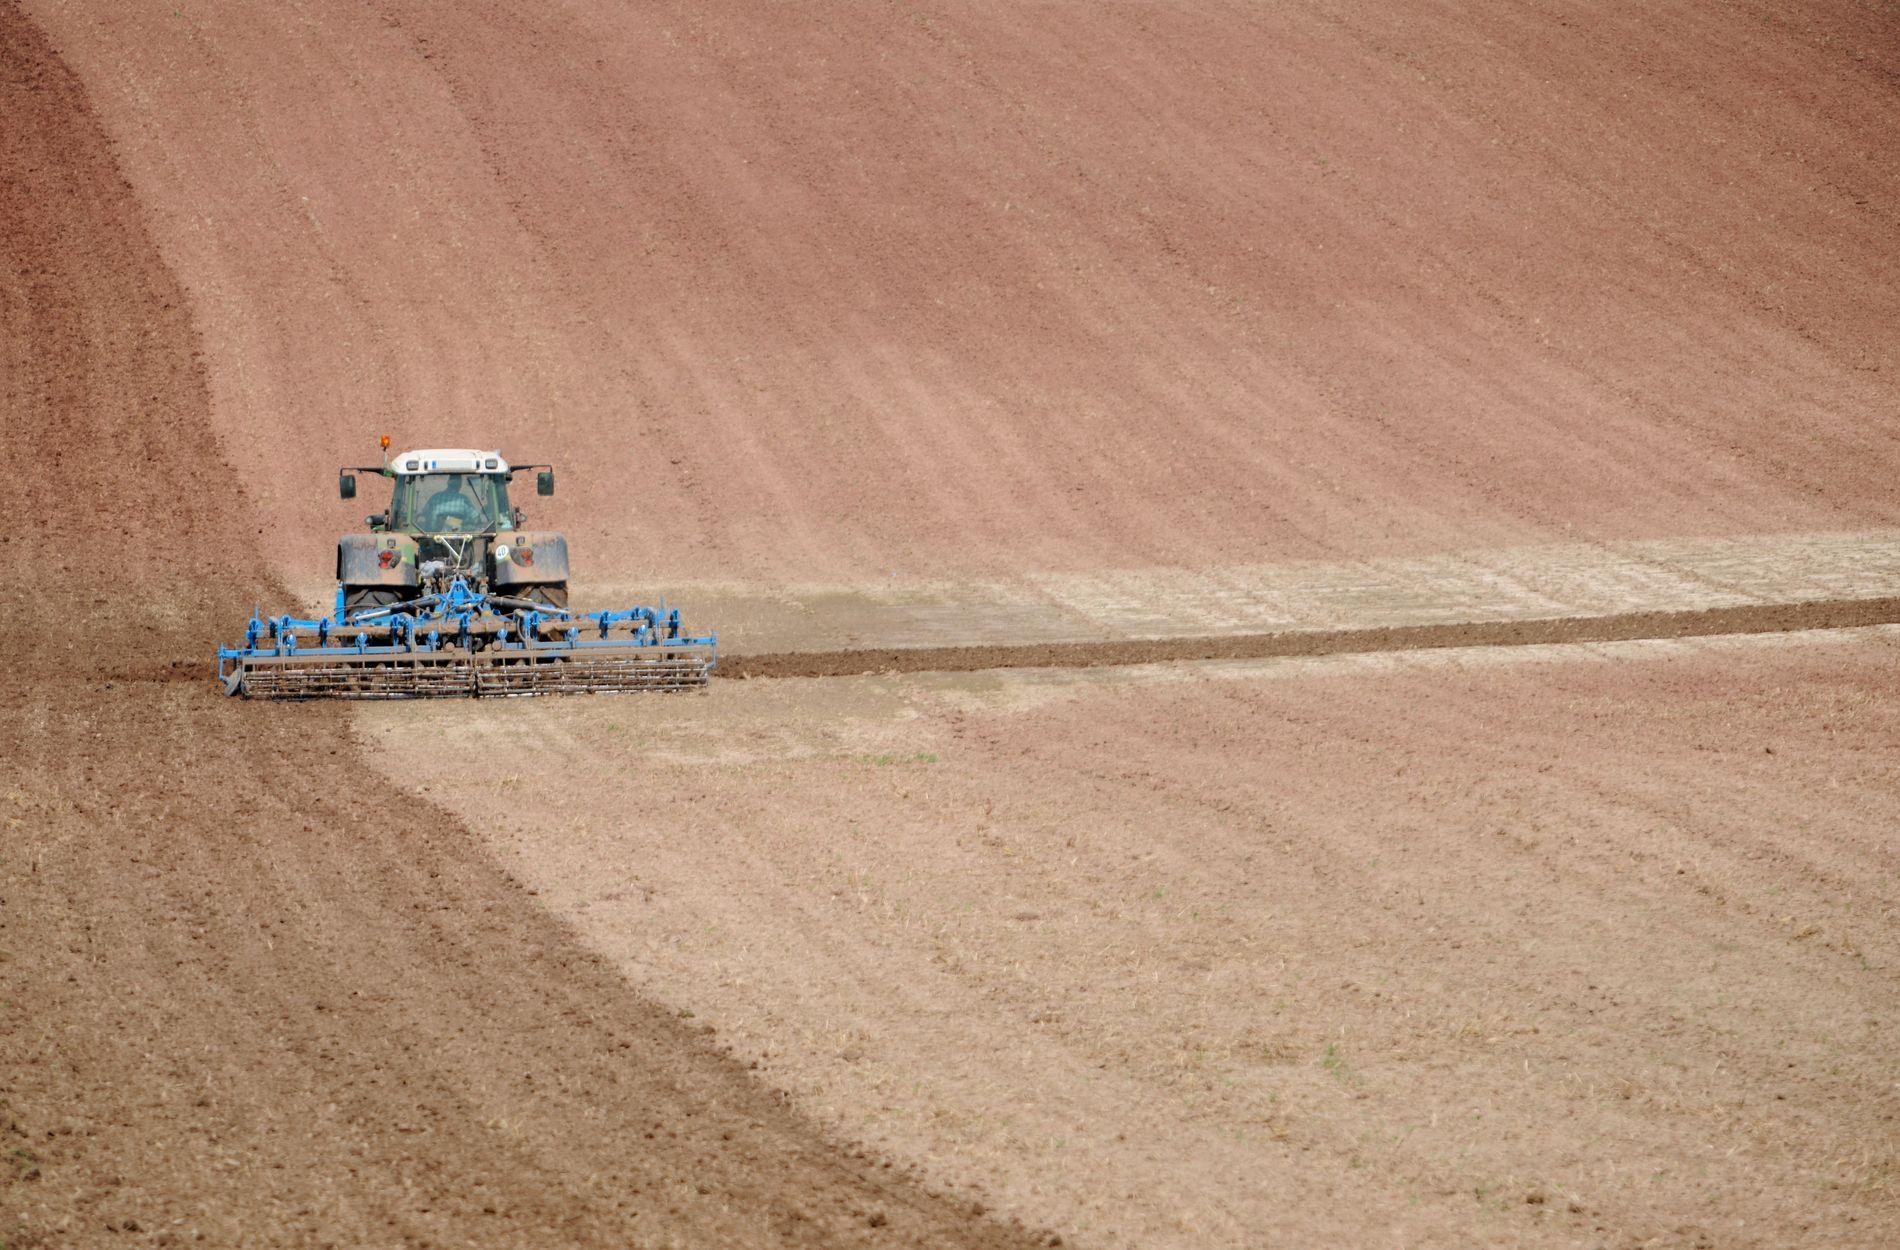 IKKE-KVOTEPLIKTIG SEKTOR: EU-Kommisjonen legger i dag fram forslag om hvordan EU skal gjennomføre sine fremtidige klimakutt i ikke-kvotepliktig sektor, i hovedsak transport, landbruk, bygg og avfall.